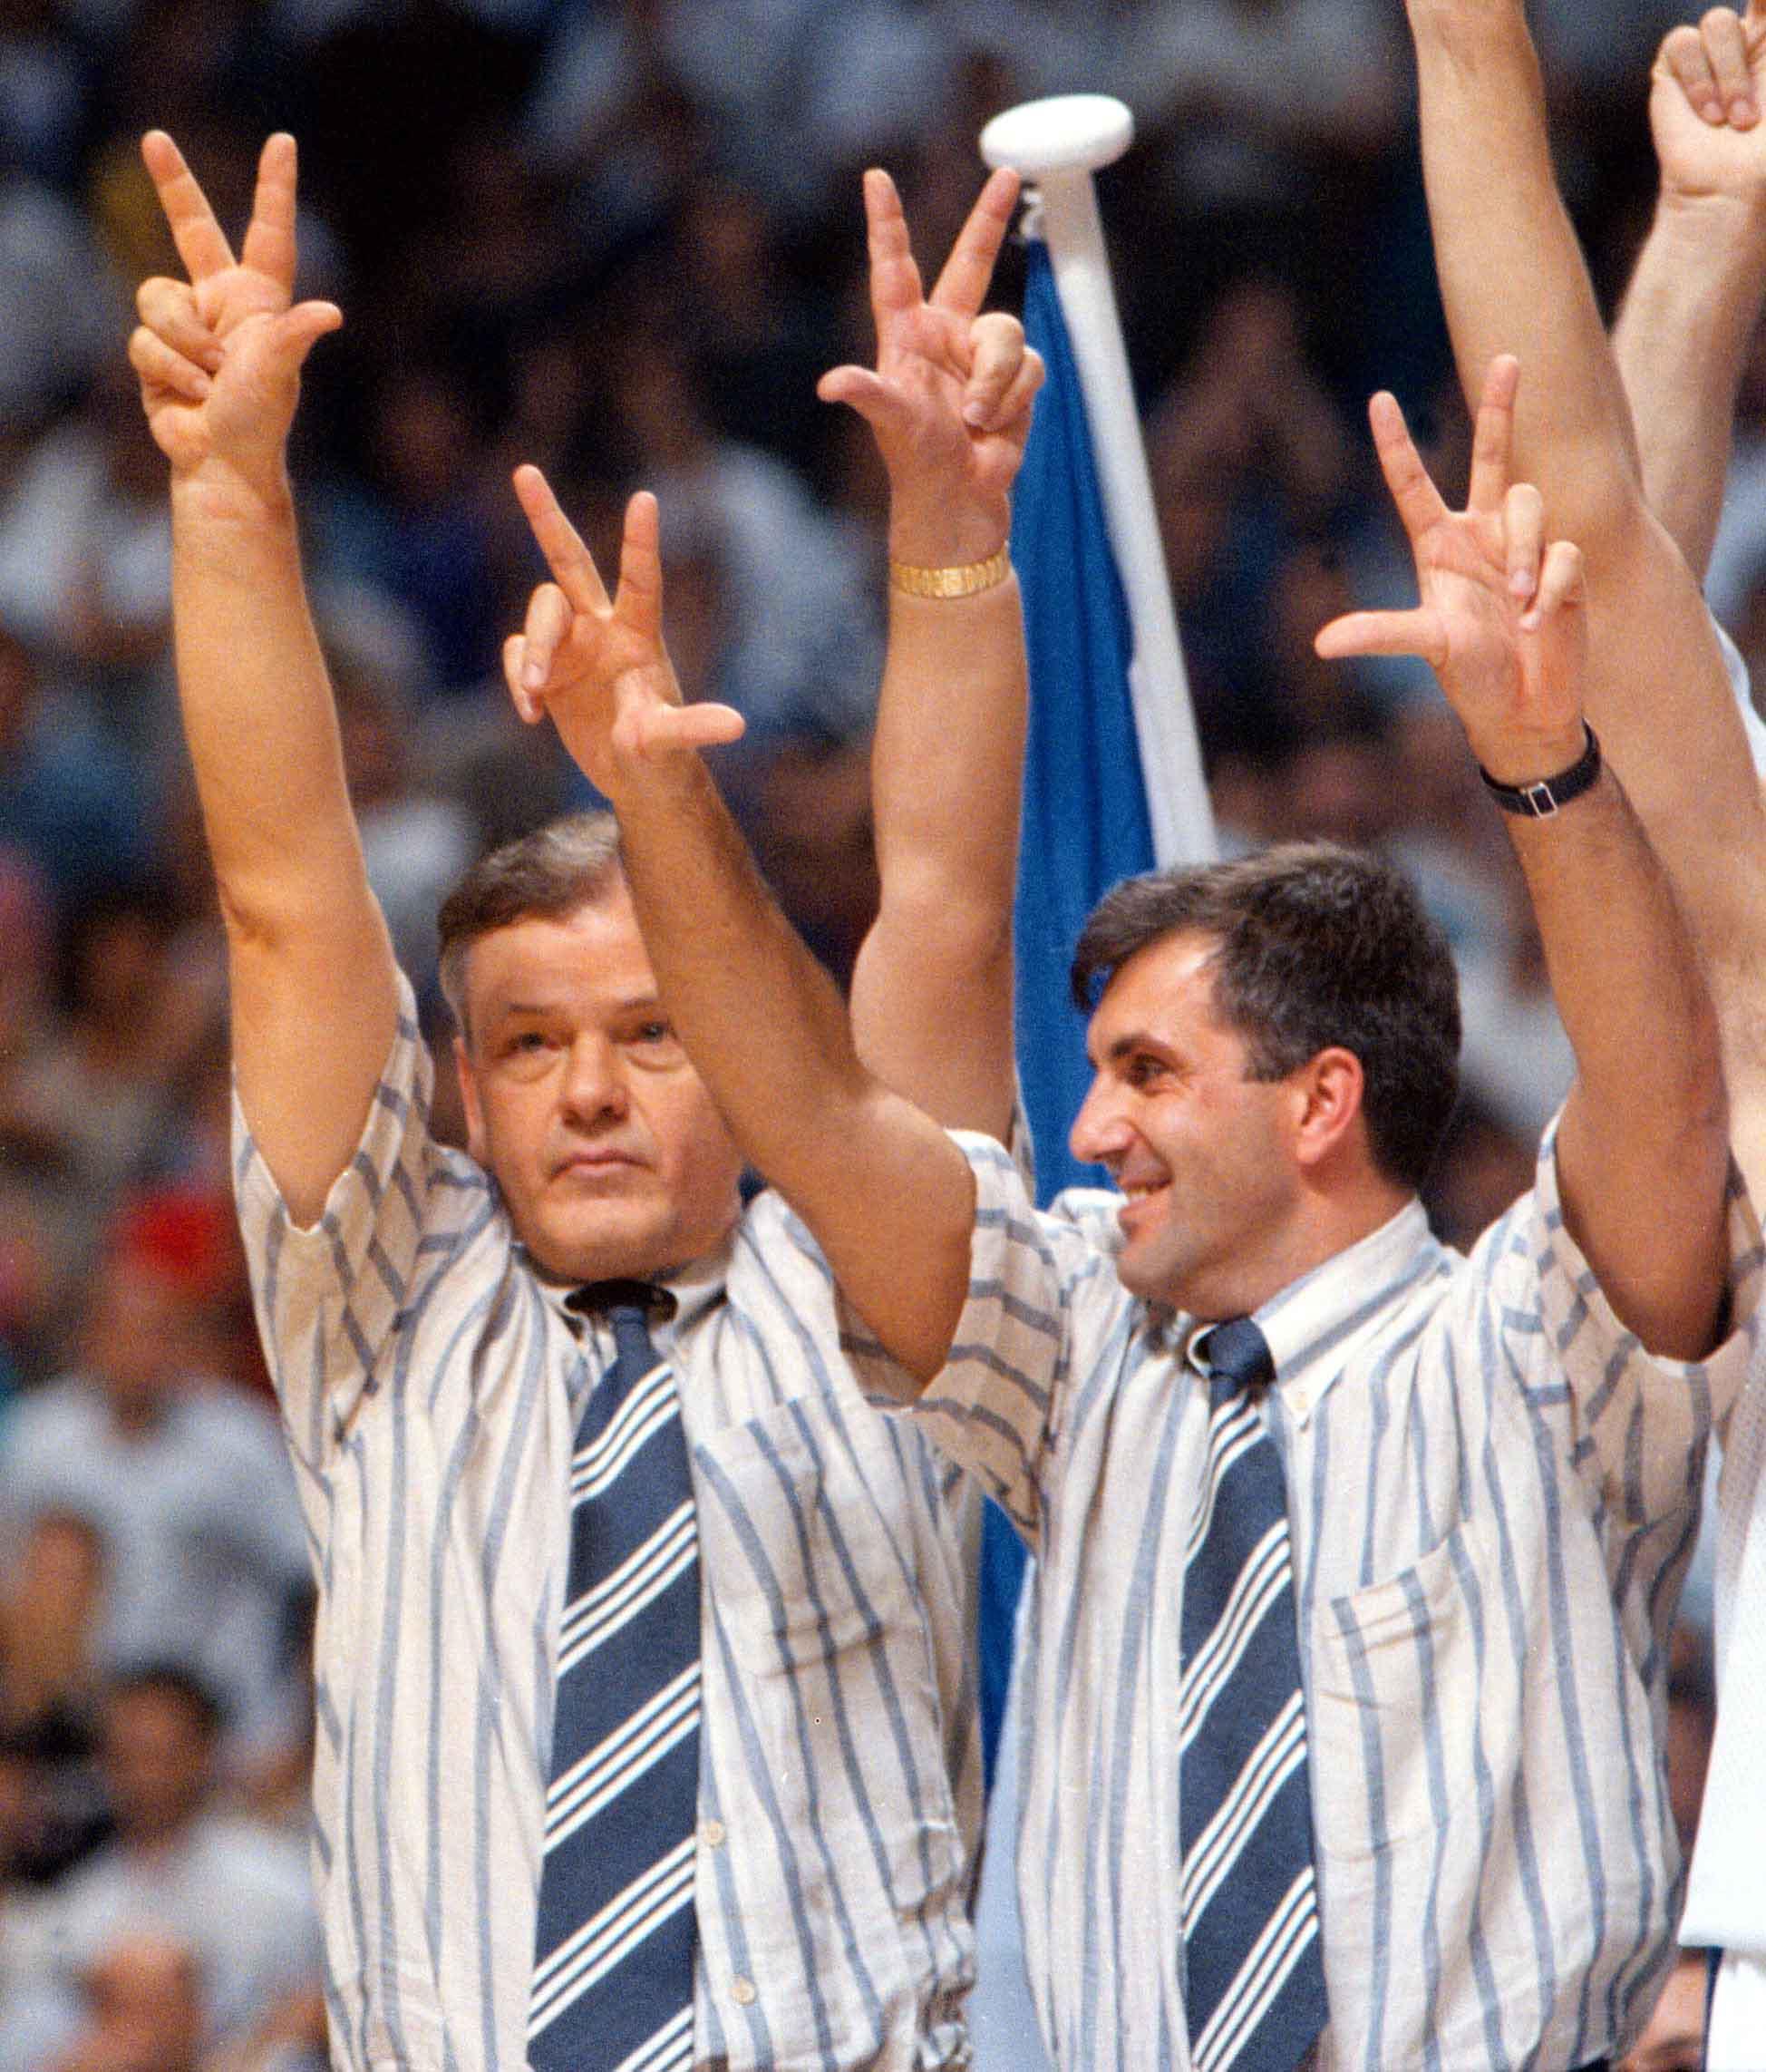 KOSARKA - Dusan Duda Ivkovic i Zeljko Obradovic, YU treneri, na pobednickom postolju. Atina, jun - jul 1995. snimio:N.Parausic